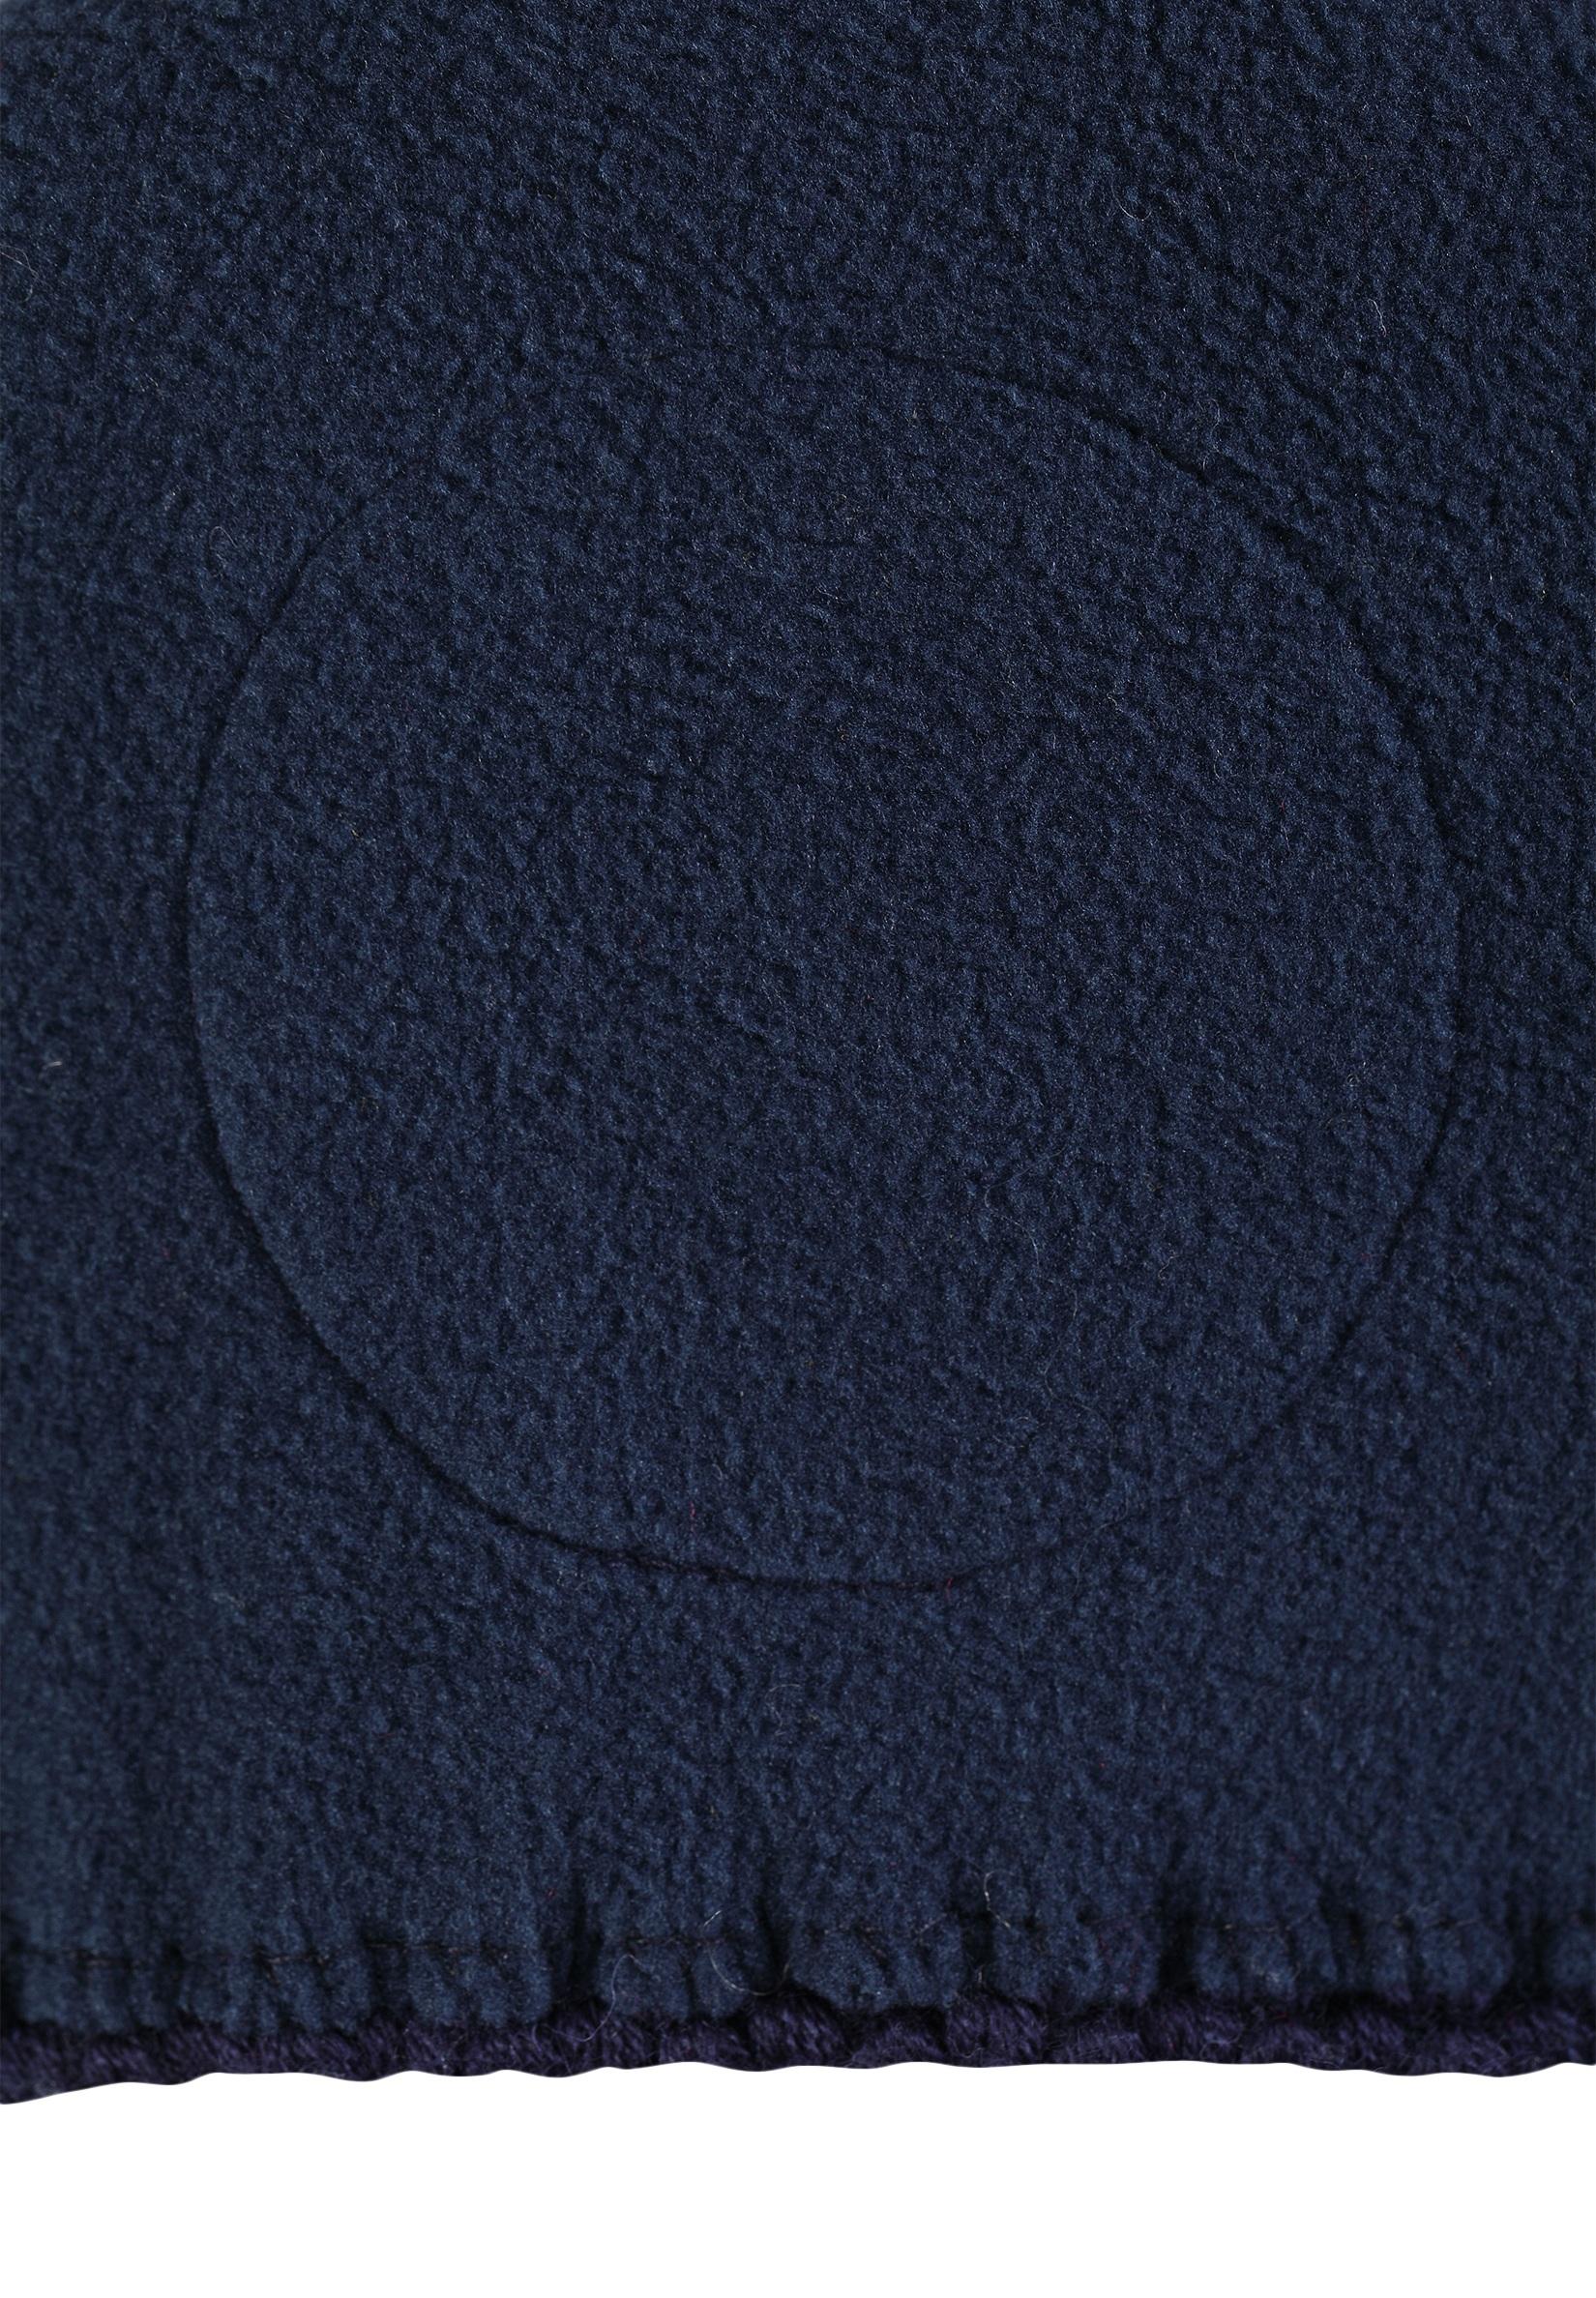 Reima Nordkapp Grå/Blå